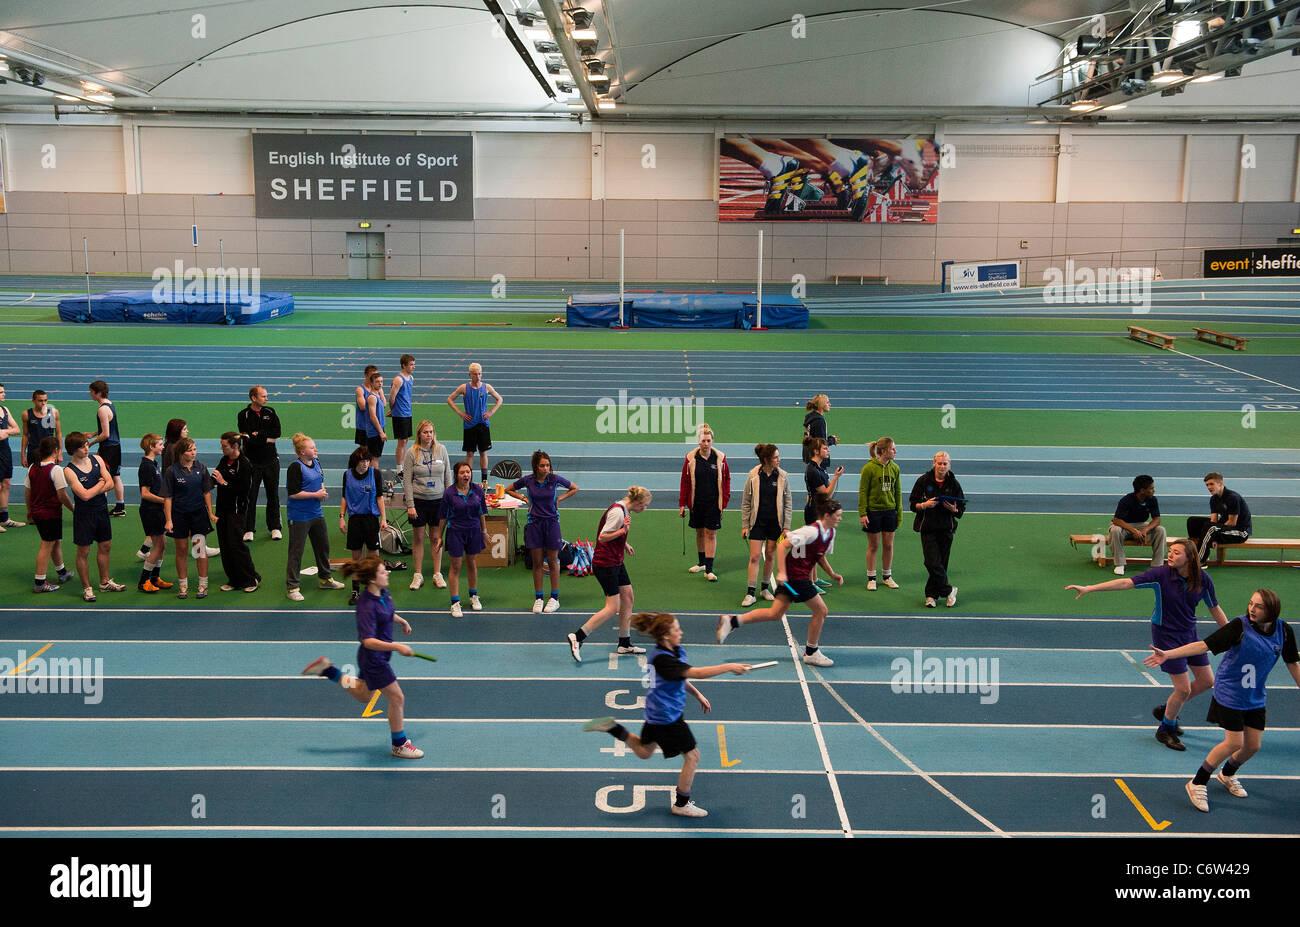 I bambini della scuola secondaria di competere in una staffetta presso l'Istituto inglese dello Sport a Sheffield, Immagini Stock